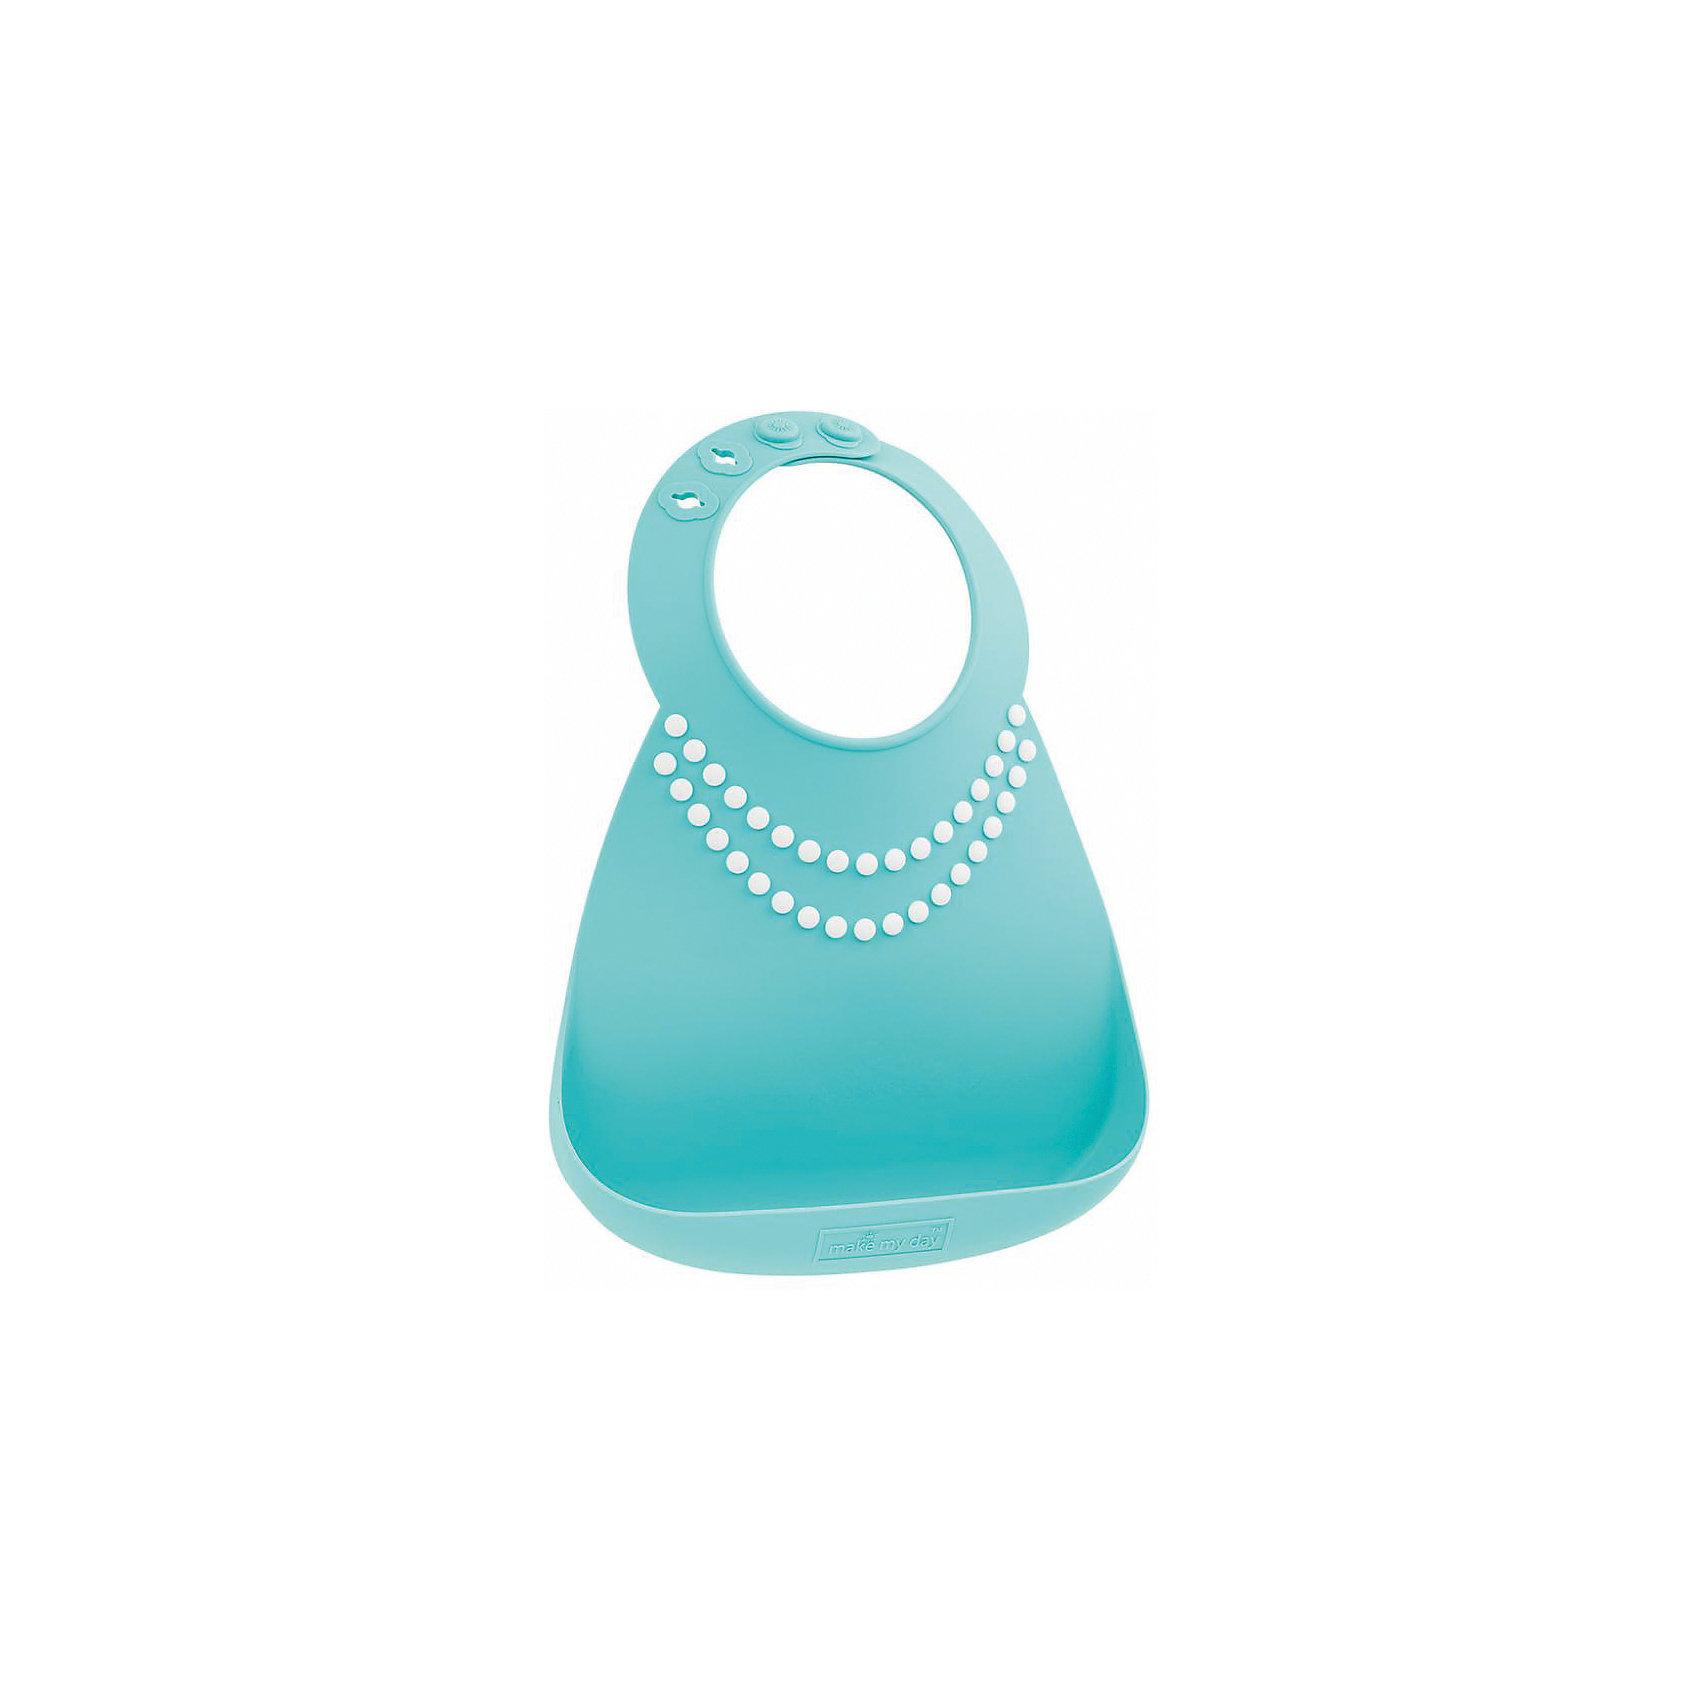 Нагрудник Make my day, голубой/жемчужины (Pearls)Нагрудники и салфетки<br>Нагрудник Make my day, голубой/жемчужины (Pearls).<br><br>Характеристики:<br>• изготовлен из качественного гипоаллергенного силикона<br>• имеет удобный карман для крошек и кусочков пищи<br>• не содержит фталаты, бисфенол-А и ПВХ<br>• регулируемая застежка<br>• легко моется и подходит для посудомоечной машины<br>• высокая гибкость <br>• оригинальный дизайн<br>• состав: 100% пищевой силикон<br>• размер: 24х21 см<br>• размер упаковки: 24,5x21x4,5 см<br>• цвет: голубой/белый<br><br>Нагрудник Make my day изготовлен из высококачественного пищевого силикона и имеет регулируемую застежку, благодаря чему нагрудник не натирает нежную кожу шеи малыша. Вместительный карман снизу защитит одежду ребенка от попадания воды и пищи. Высокая гибкость нагрудника делает его компактным для хранения. Нагрудник легко отмывается водой с мылом или в посудомоечной машине. Приятный дизайн в виде ожерелья из жемчуга порадует и малыша, и взрослых. С таким очаровательным нагрудником каждый прием пищи будет в радость!<br><br>Нагрудник Make my day, голубой/жемчужины (Pearls) можно купить в нашем интернет-магазине.<br><br>Ширина мм: 210<br>Глубина мм: 45<br>Высота мм: 245<br>Вес г: 289<br>Возраст от месяцев: 0<br>Возраст до месяцев: 36<br>Пол: Женский<br>Возраст: Детский<br>SKU: 5068723